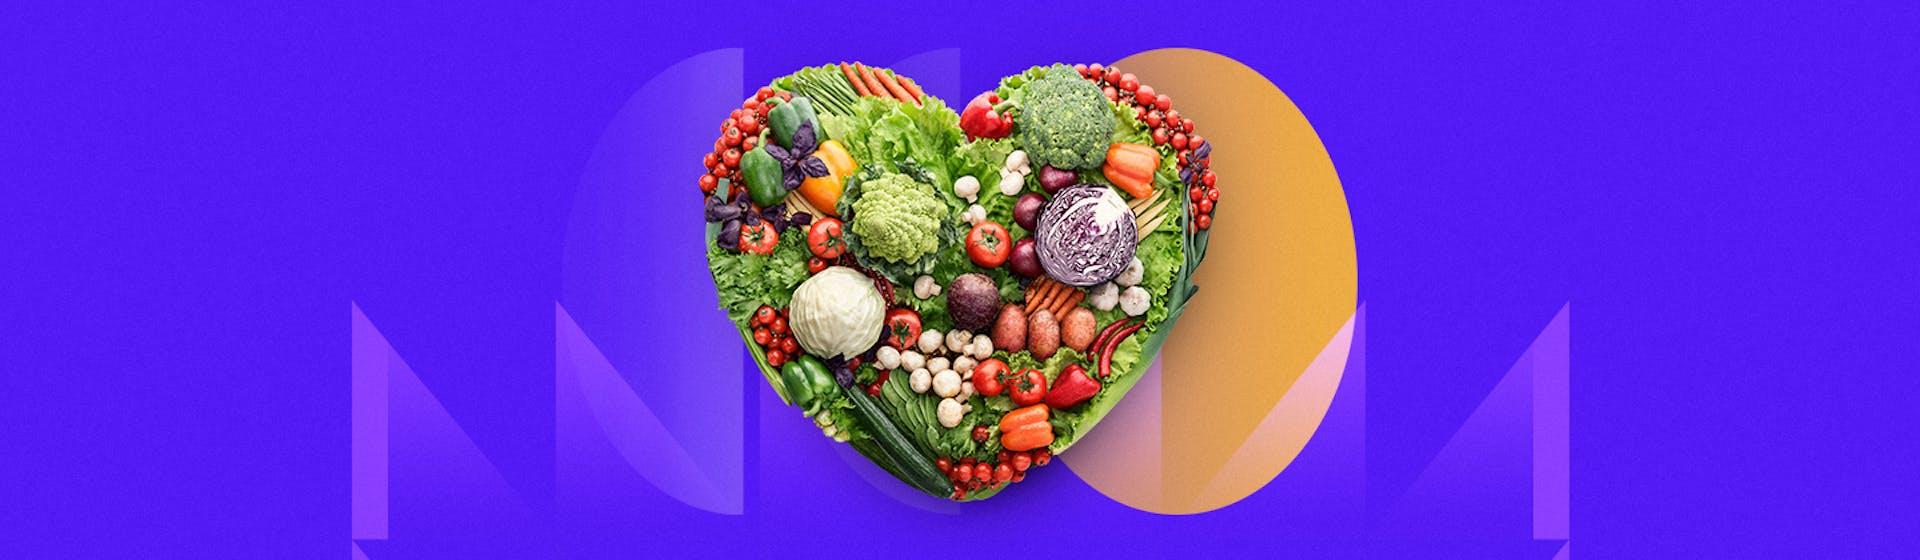 Descubre qué es la alimentación saludable y disfruta una vida llena de energía